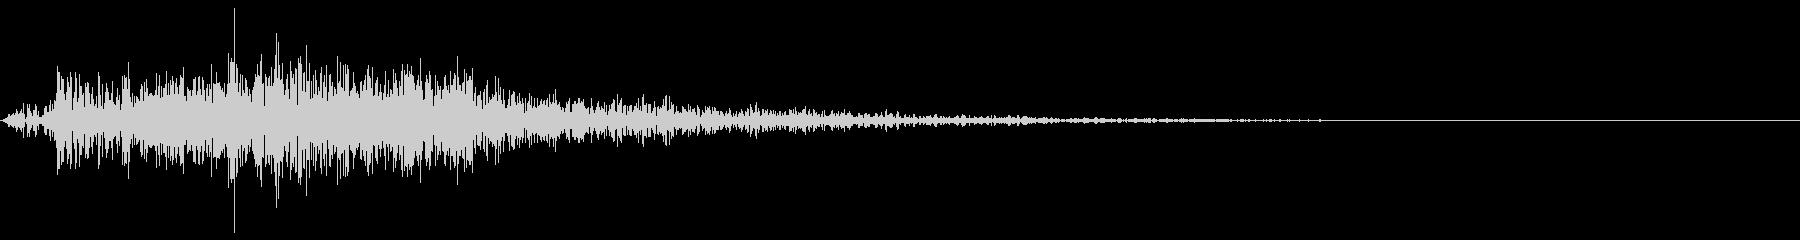 シューッという音EC07_89_3 2の未再生の波形